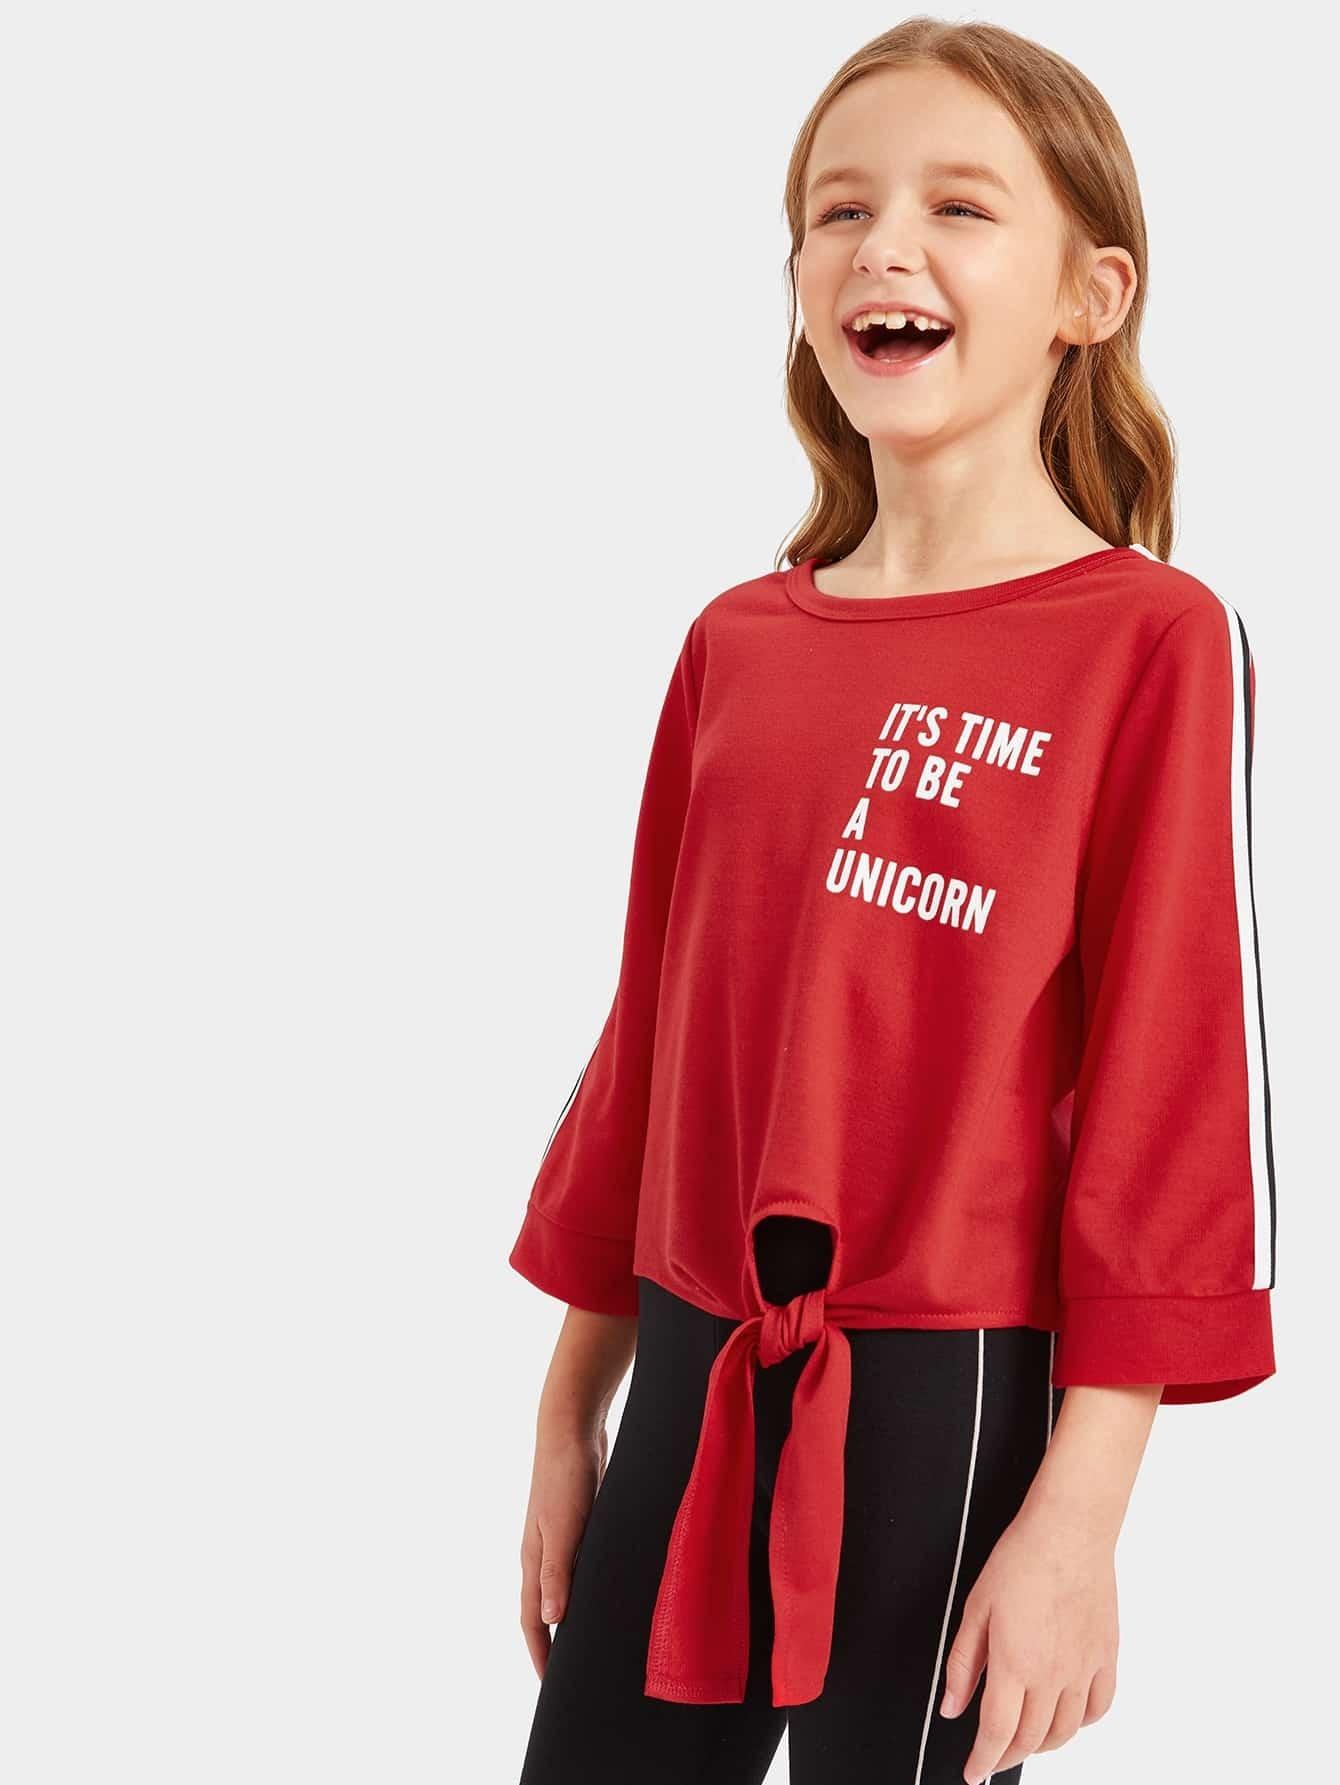 Купить Топ с полосатым рукавом и текстовым принтом и узелом и леггинсы комплект для девочек, Sashab, SheIn